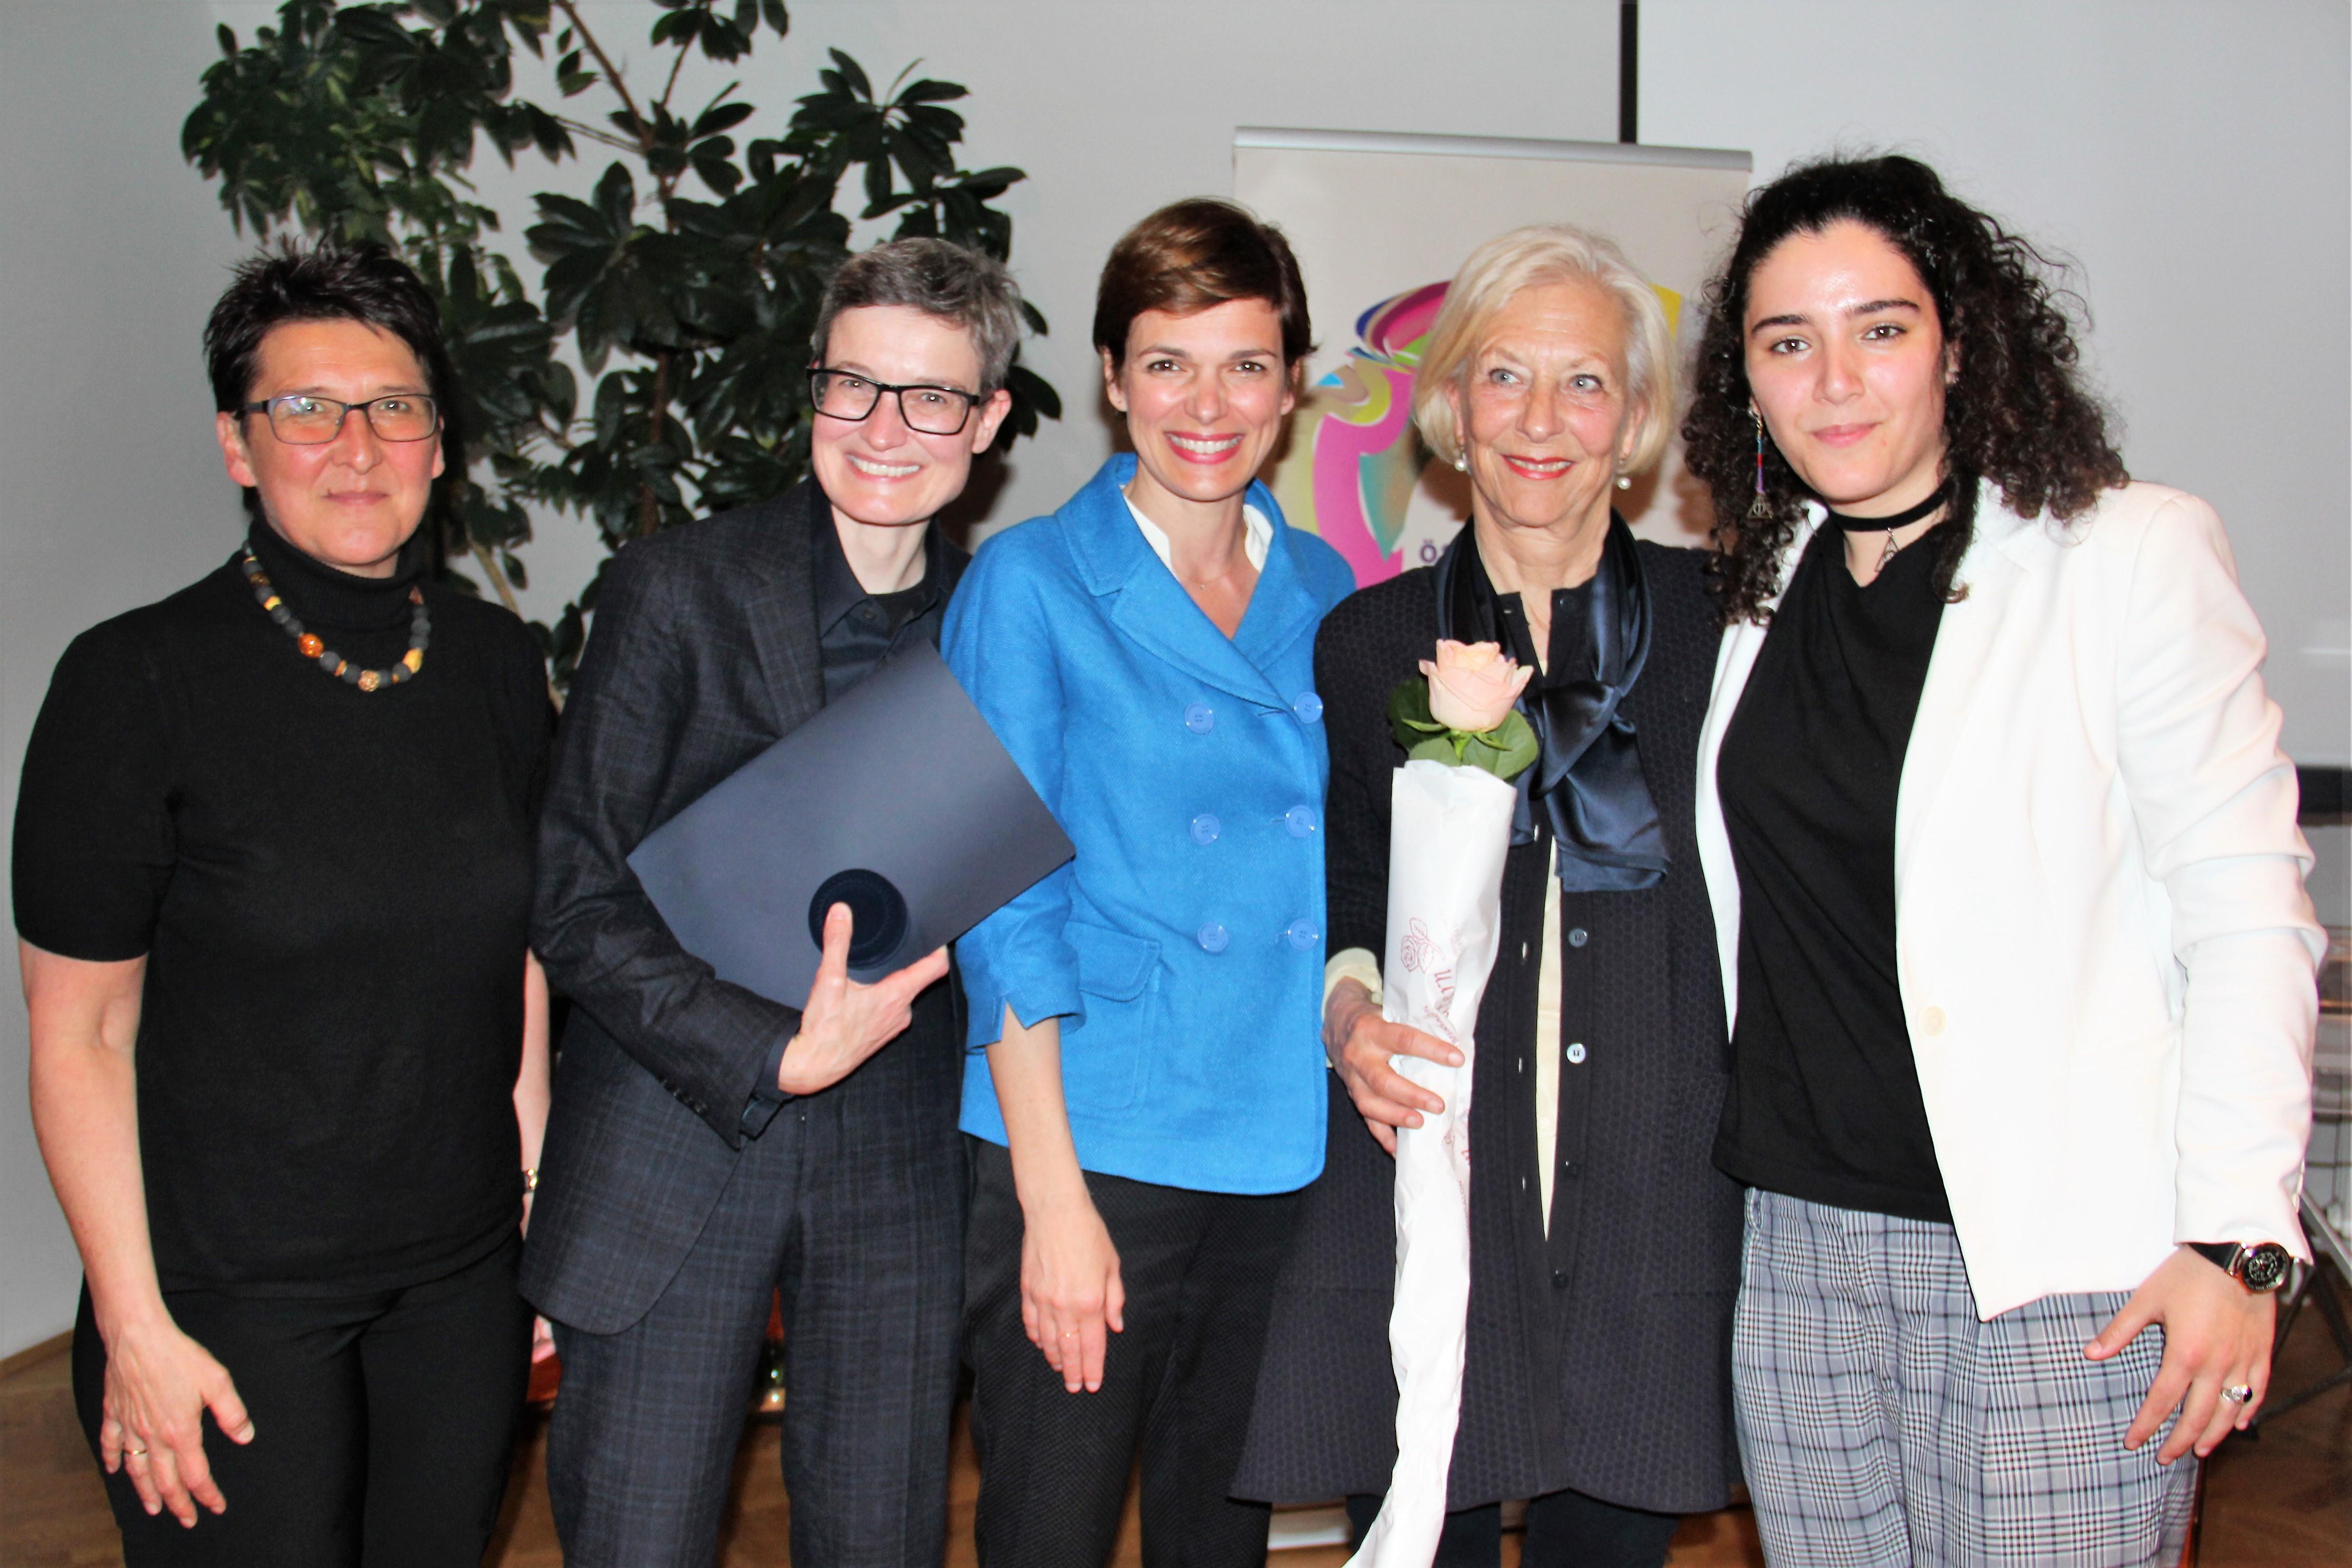 Frauenring-Preisträgerinnen 2017 mit BM Rendi-Wagner und ÖFR-Vorsitzender Sonja Ablinger